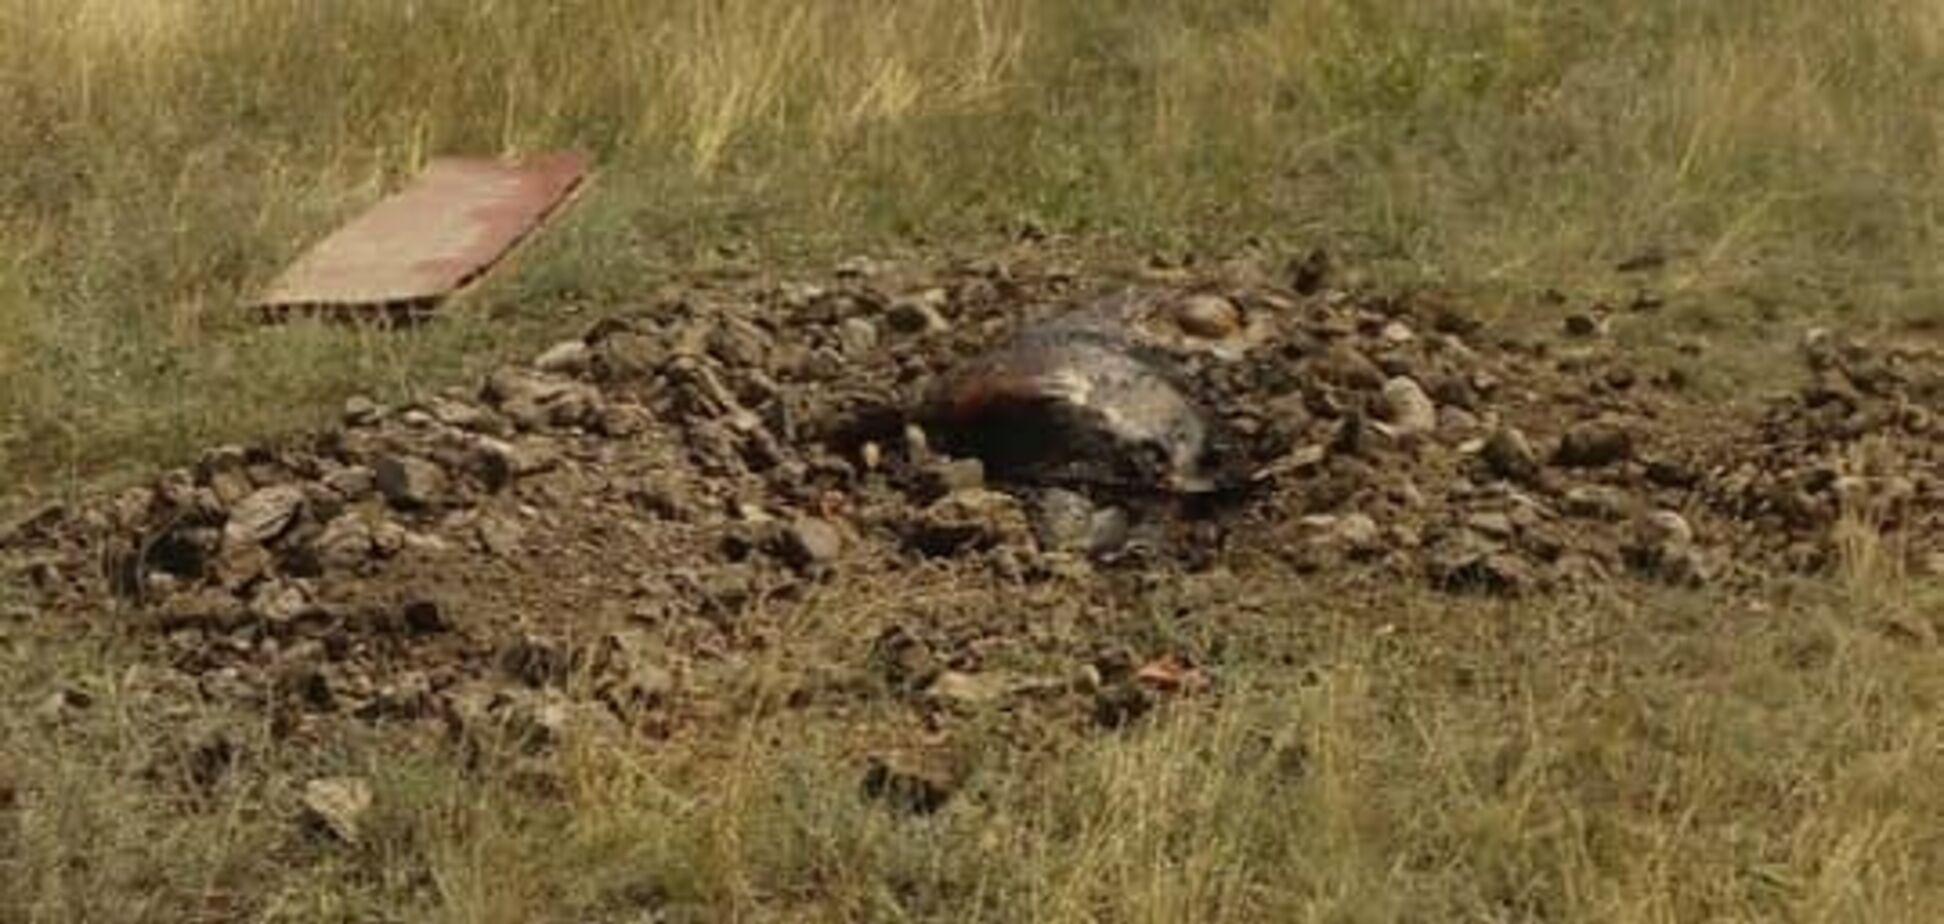 Введено карантин: під Дніпром в скотомогильнику знайдений небезпечний вірус